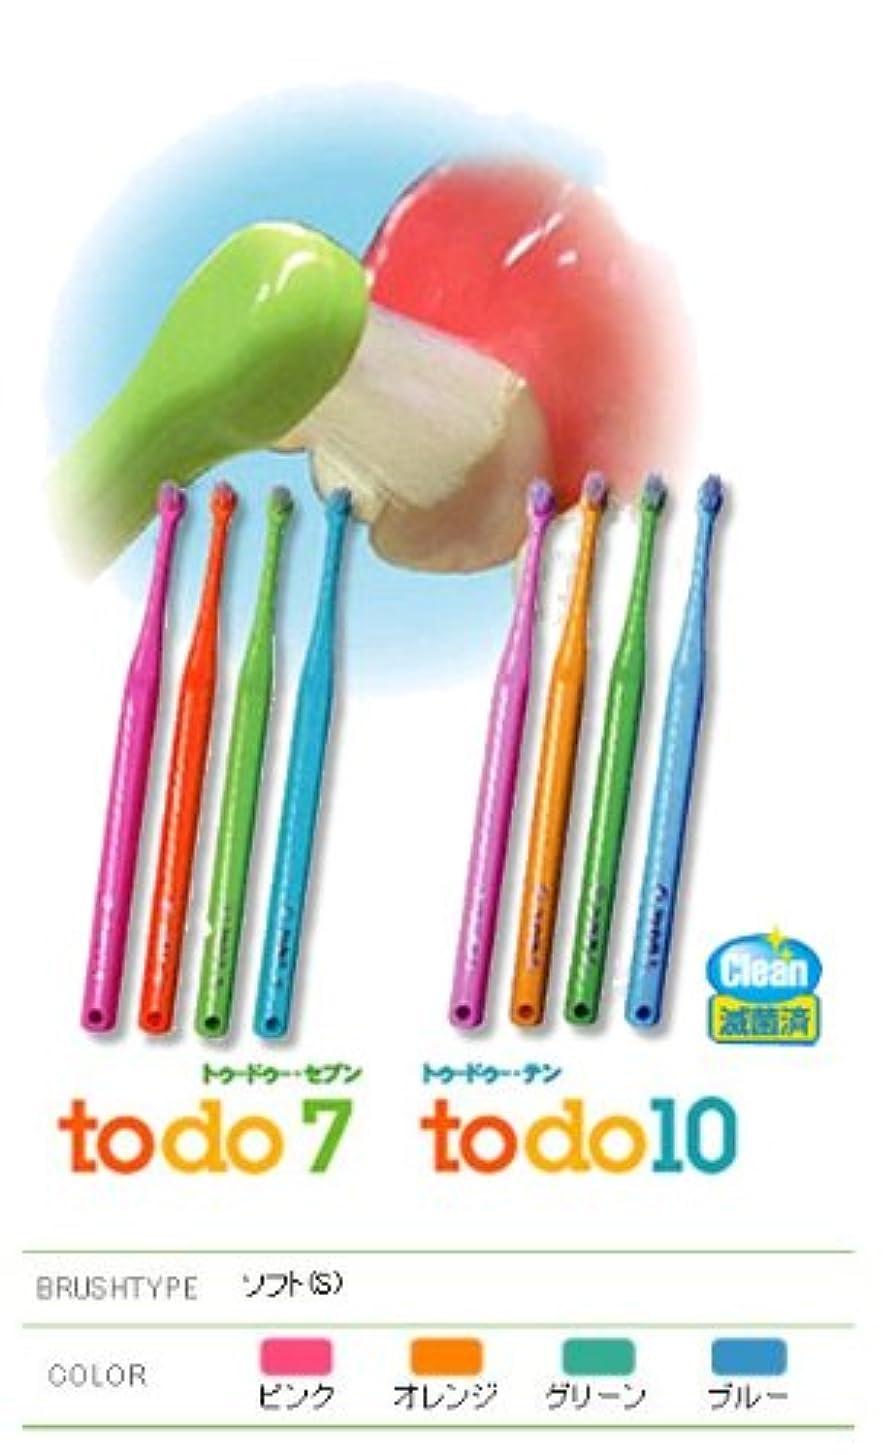 時々チェリー経歴【オーラルケア】【歯科用】todo7 1箱(24本)【歯ブラシ】【滅菌済】4色(アソート)トゥードゥー・セブン